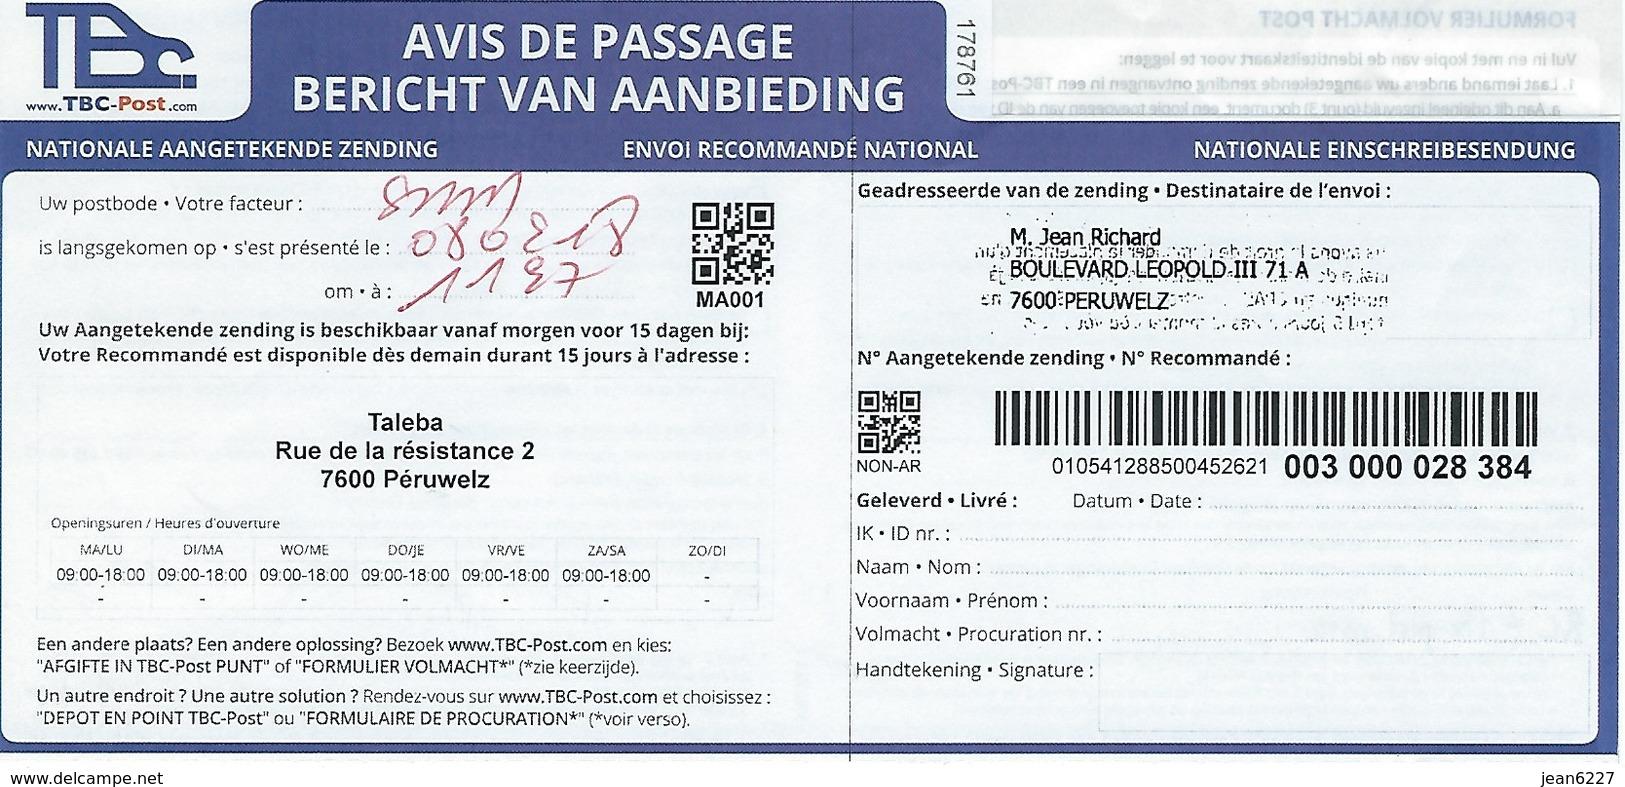 Avis De Passage - Envoi Recommandé Par TBC (concurrent De Bpost) - Documents Of Postal Services